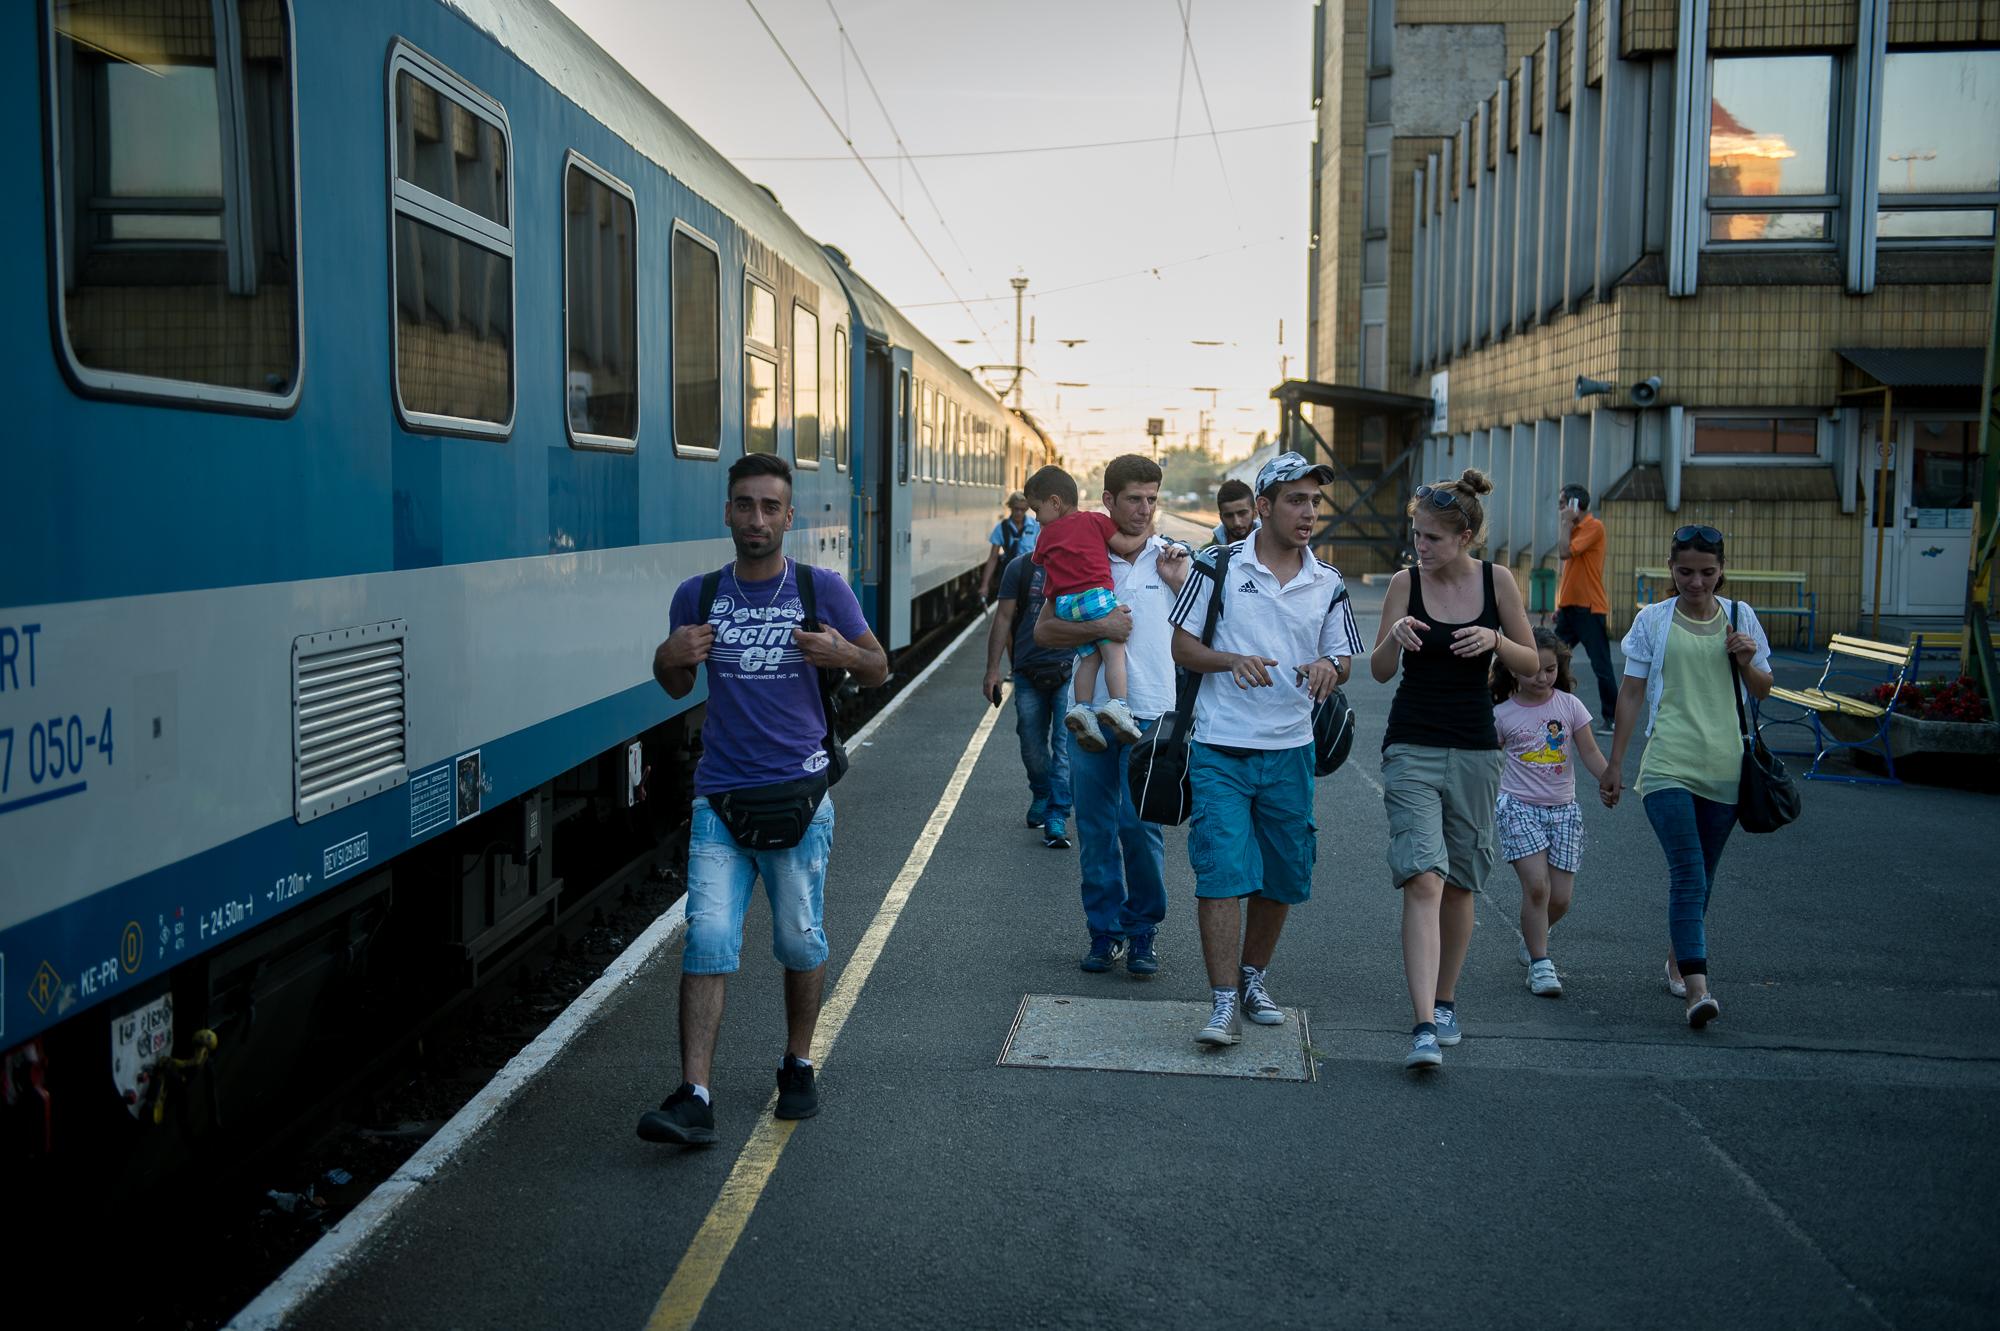 Menekültek mennek a vonatjukhoz a pécsi vasútállomáson 2015. augusztus 31-én.